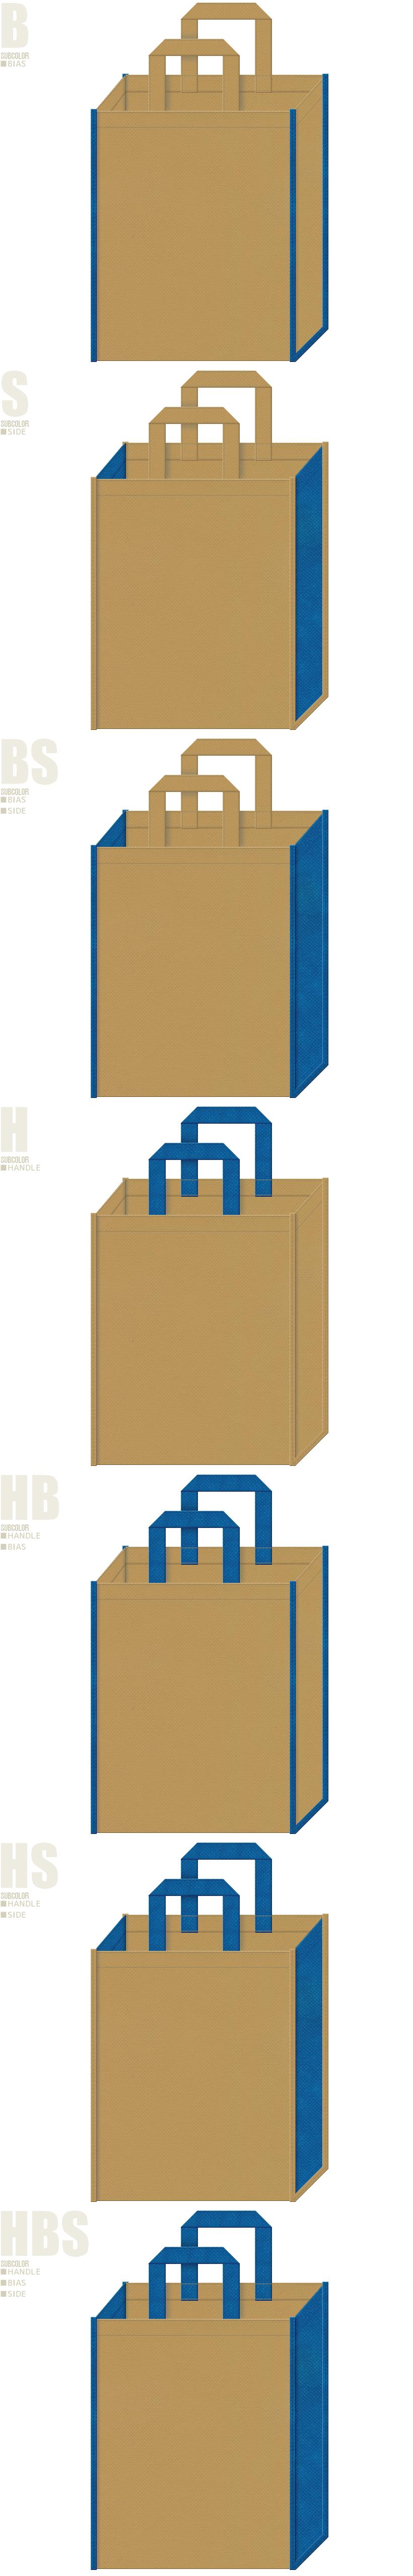 不織布バッグのデザイン:マスタード色と青色の配色7パターン